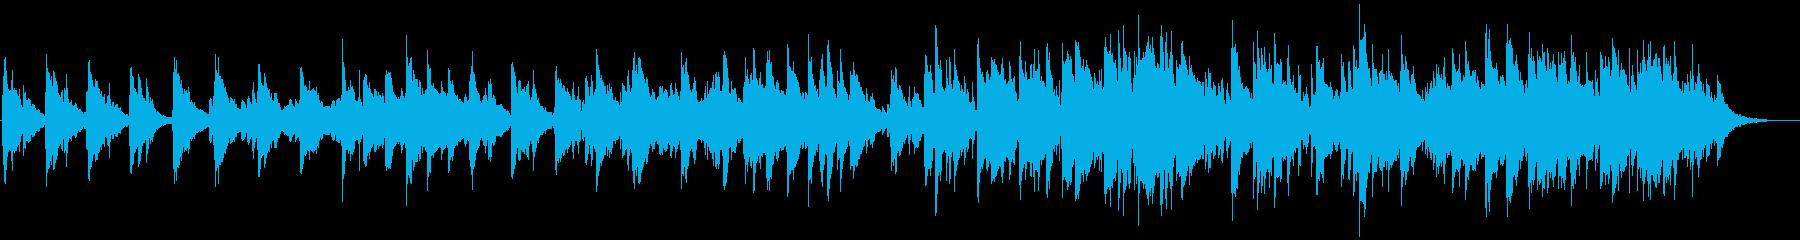 オルゴールのような映画のサントラ風の曲の再生済みの波形